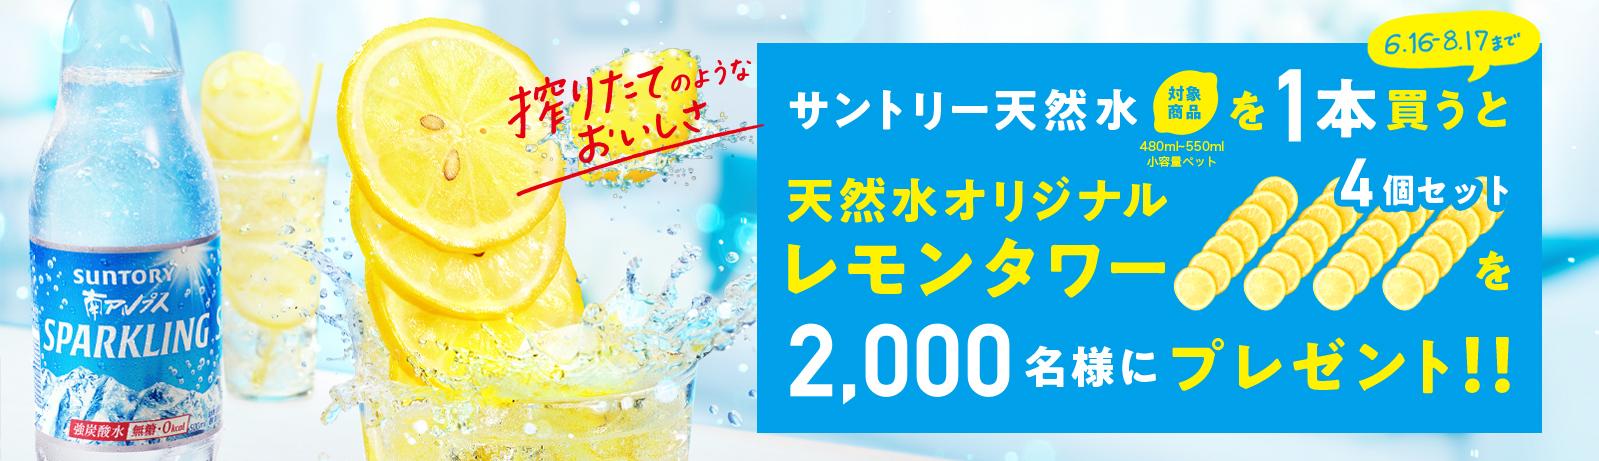 サントリー天然水を1本化うとレモンタワー4個セットが抽選で2000名に当たる。~8/17。